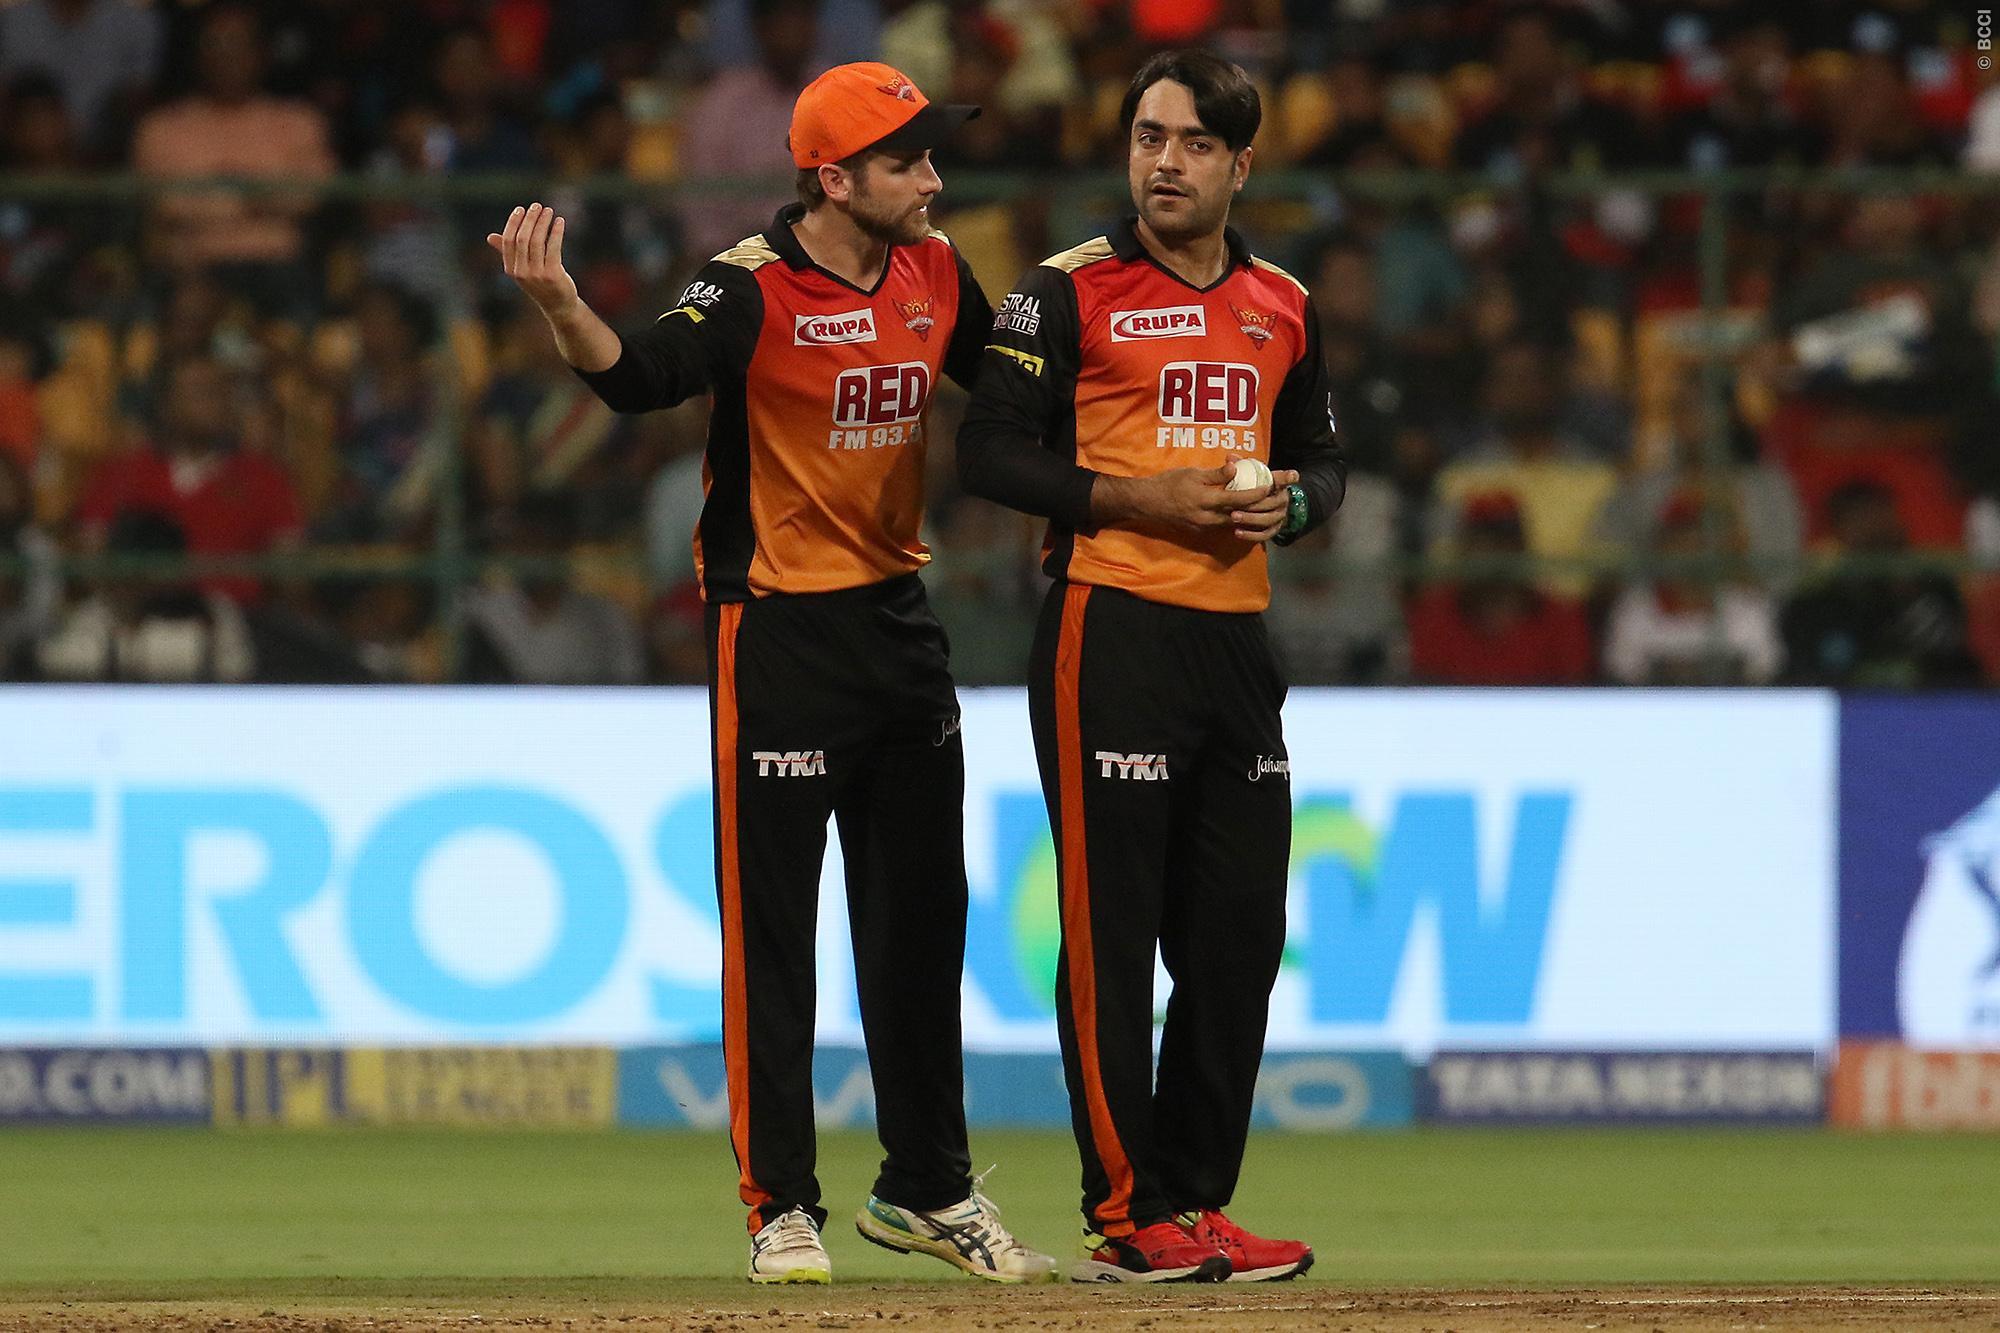 VIDEO: राशिद खान की इस करिश्माई गेंद ने किया कोहली को बोल्ड, स्पिनर के खिलाफ रहे है इस सीजन खराब आँकड़े 2